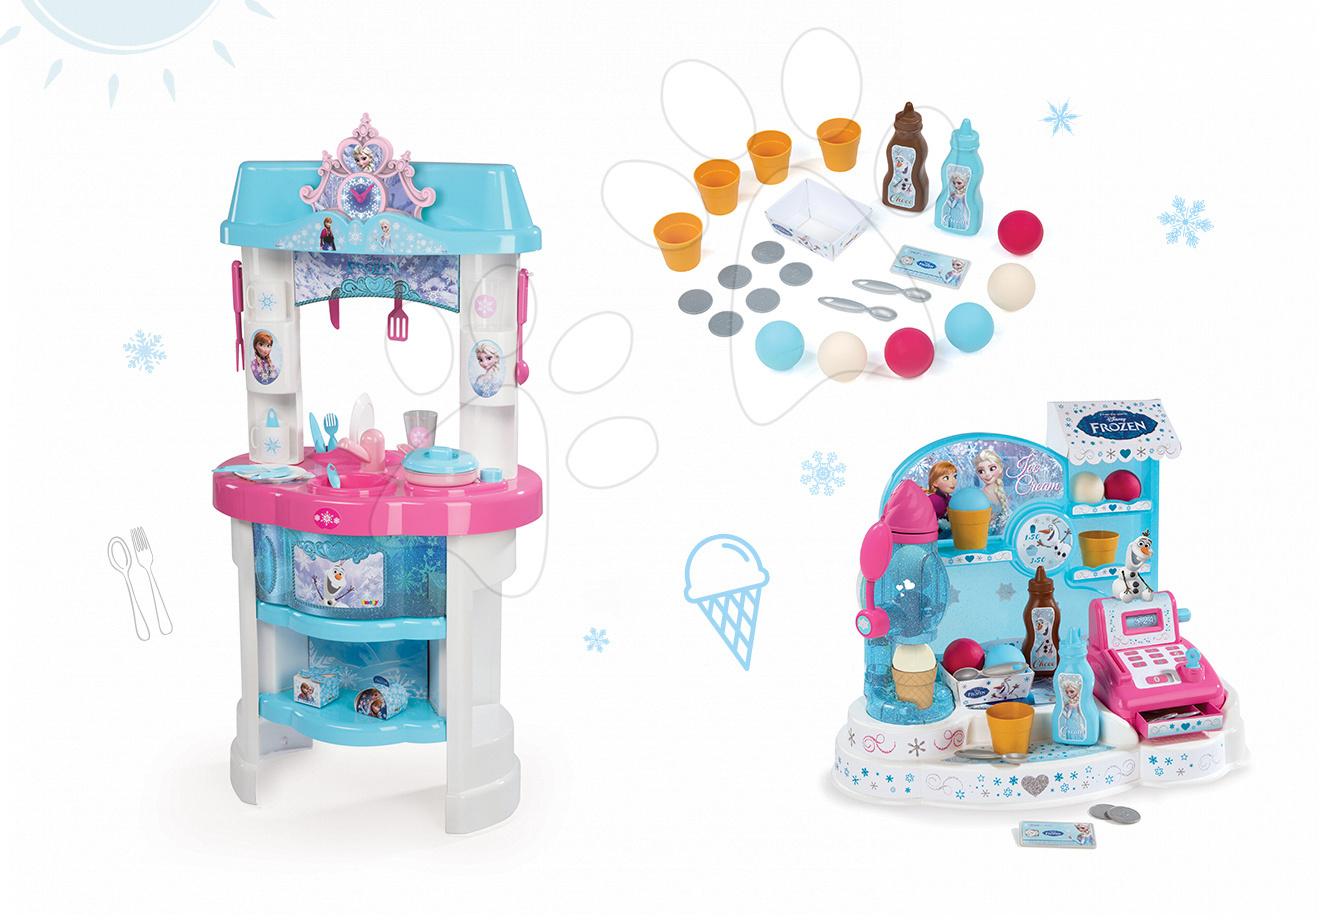 Komplet kuhinja Frozen Smoby z bleščicami in sladoledarna Frozen z blagajno